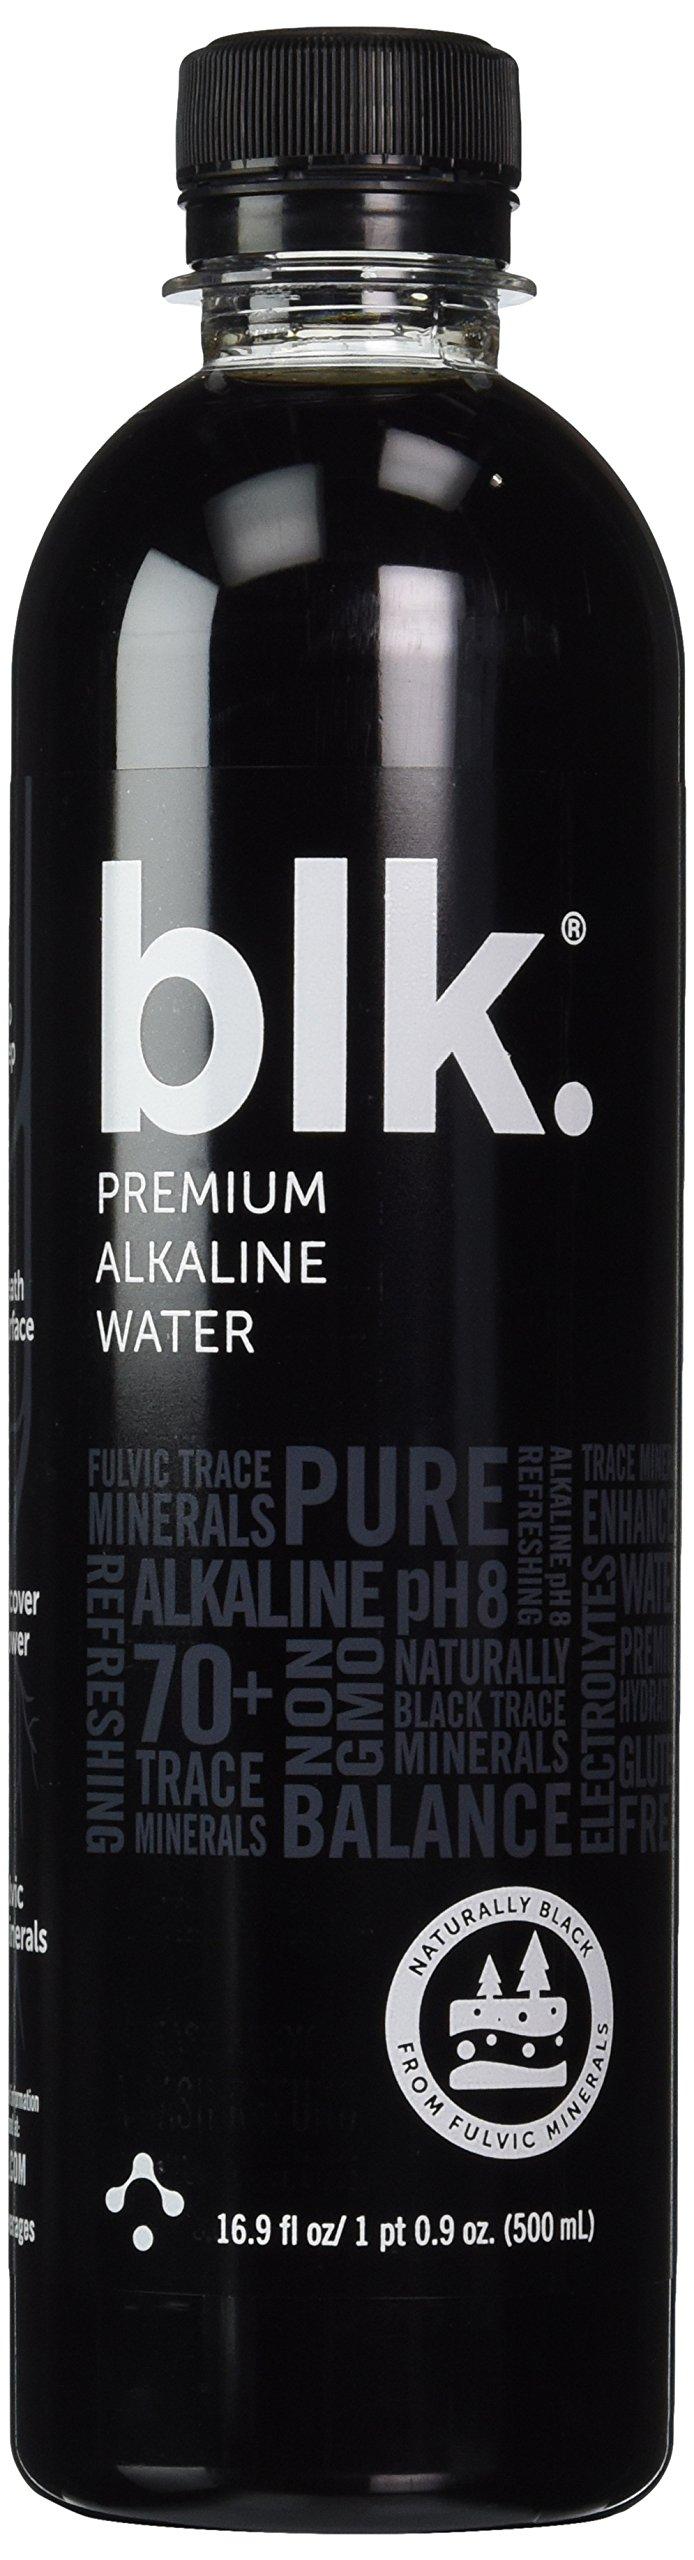 Blk Beverages - Spring Water Enriched with Fulvic Acid (Pack of 2) 16.fl 1pt 0.9oz(500ml)